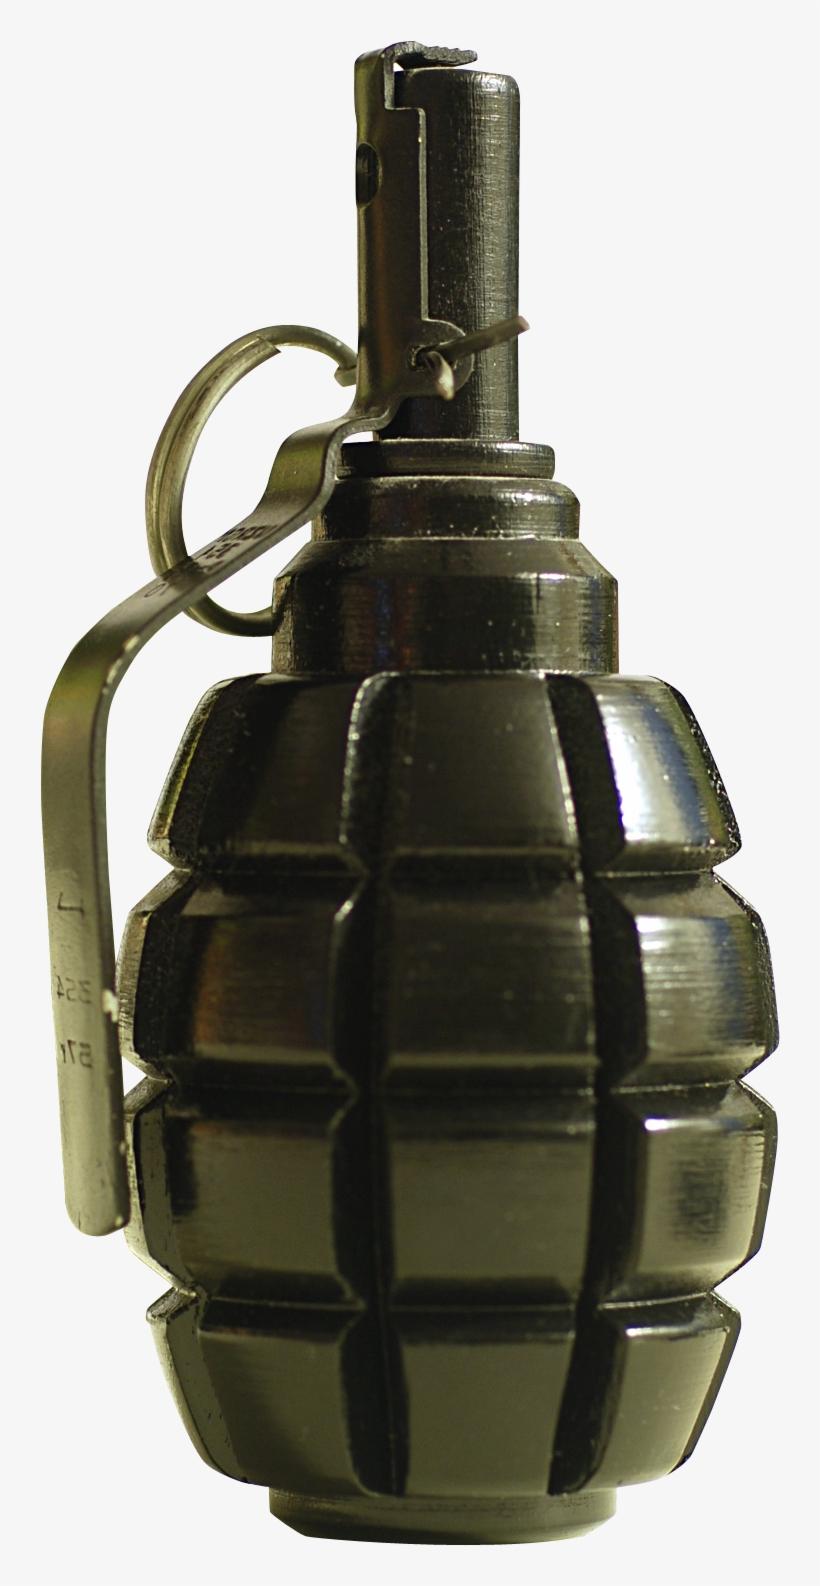 Hand Grenade Png Transparent Image - Grenade Png, transparent png #129502